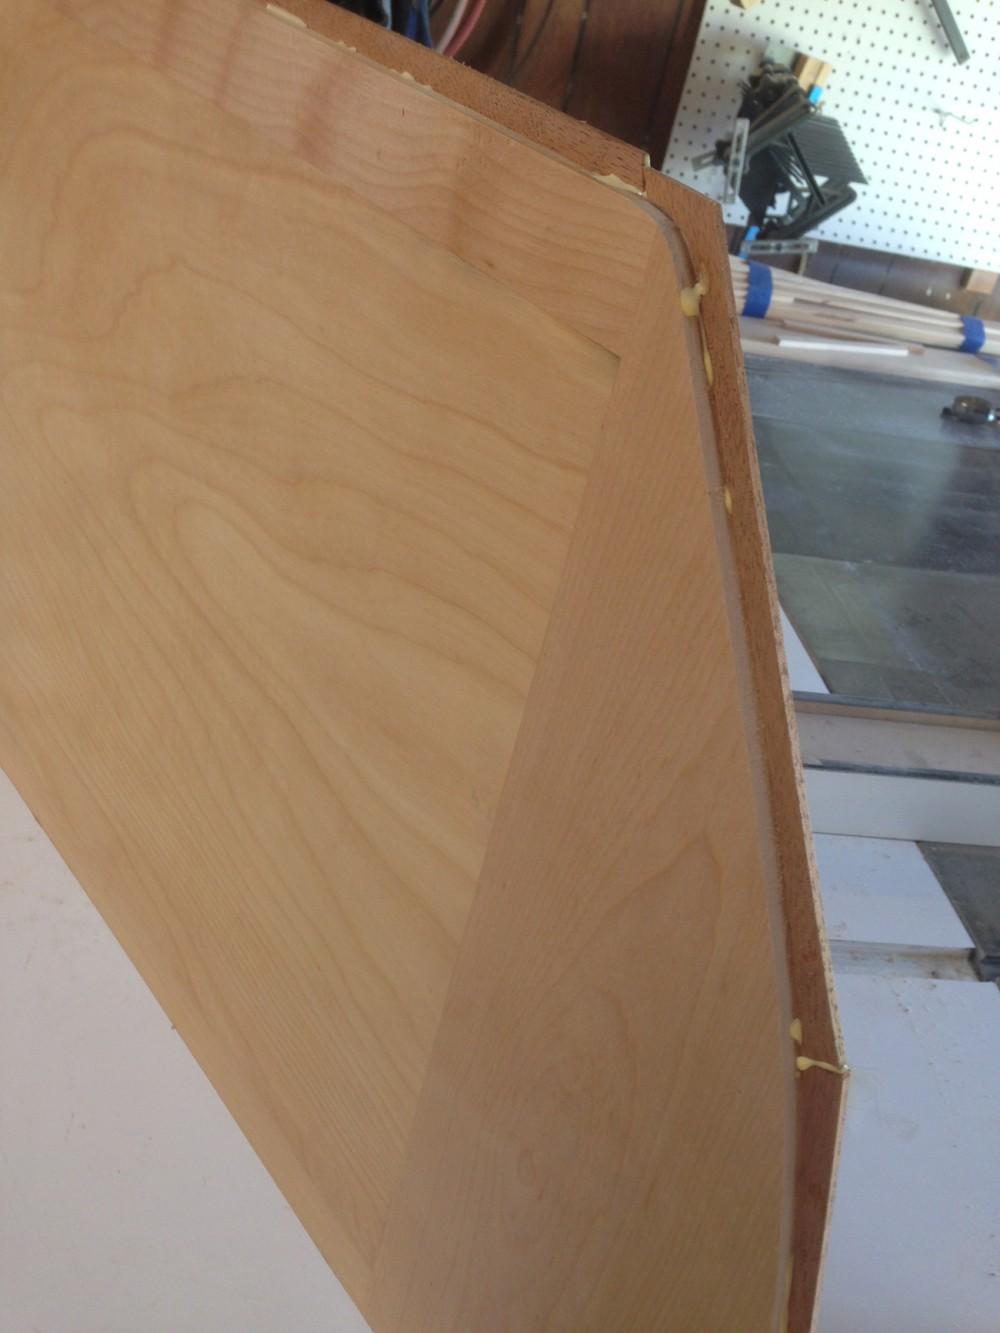 glueing a dry erase board